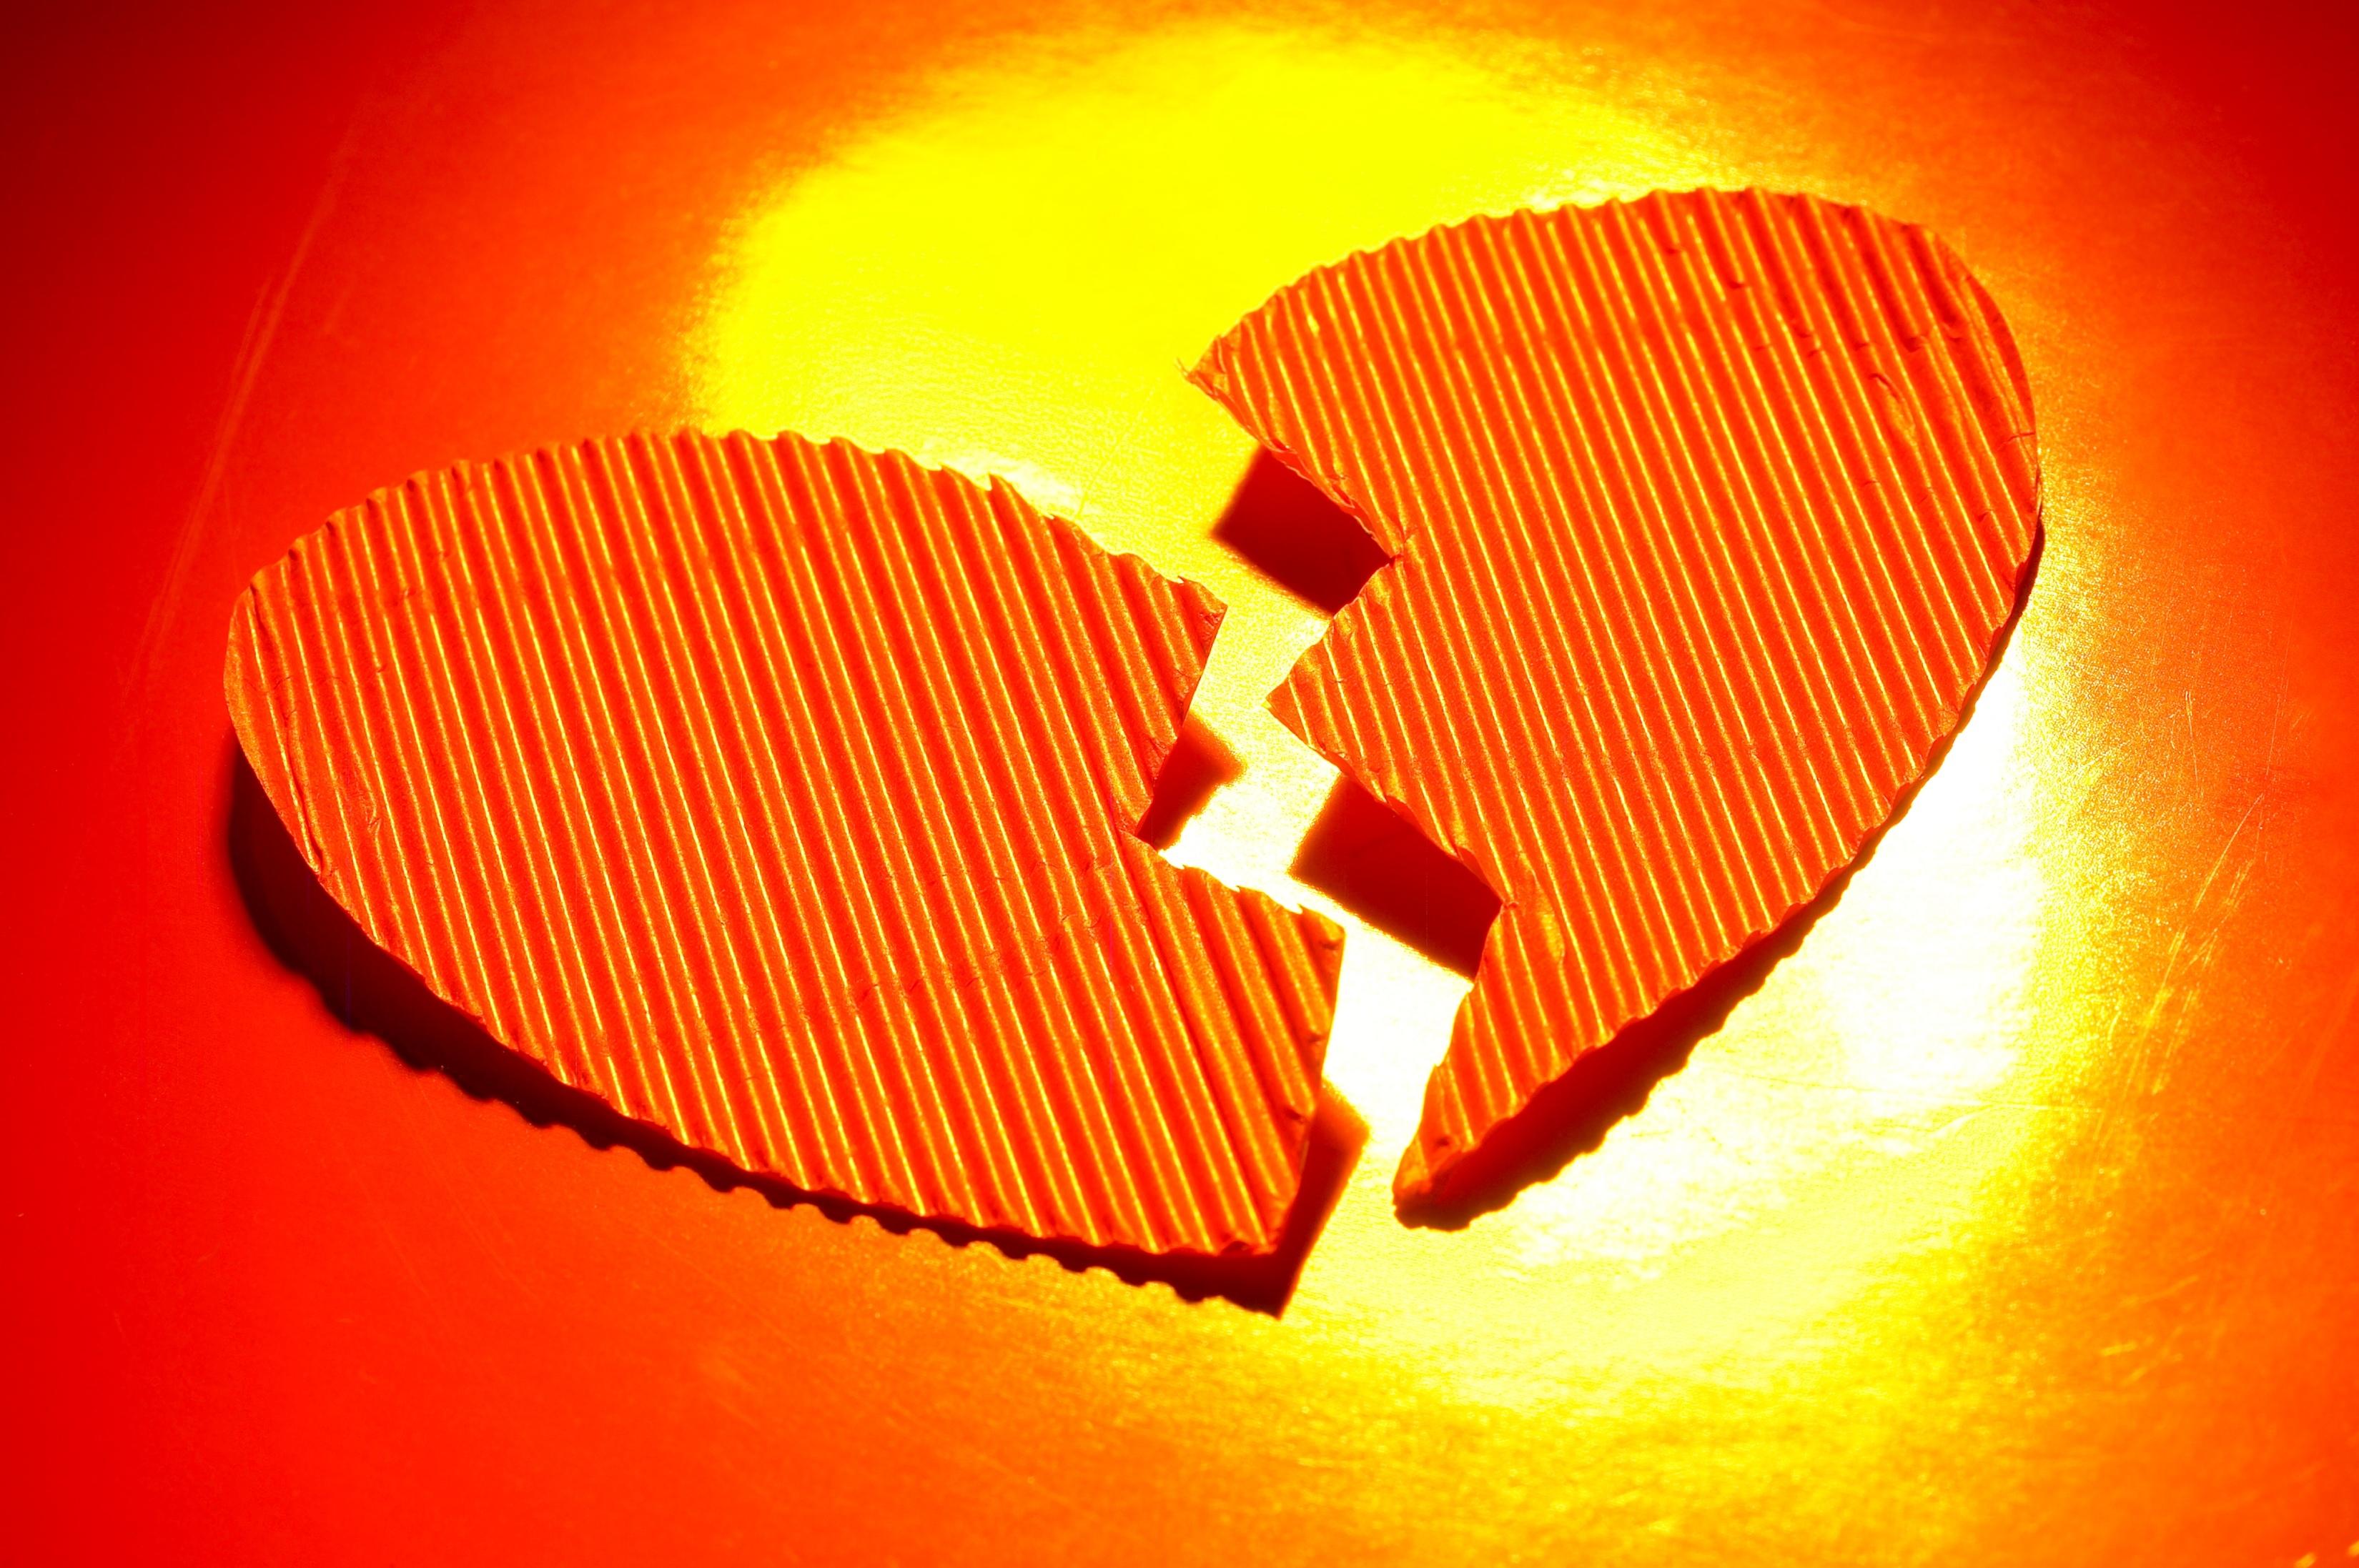 összetört szív (összetört szív)